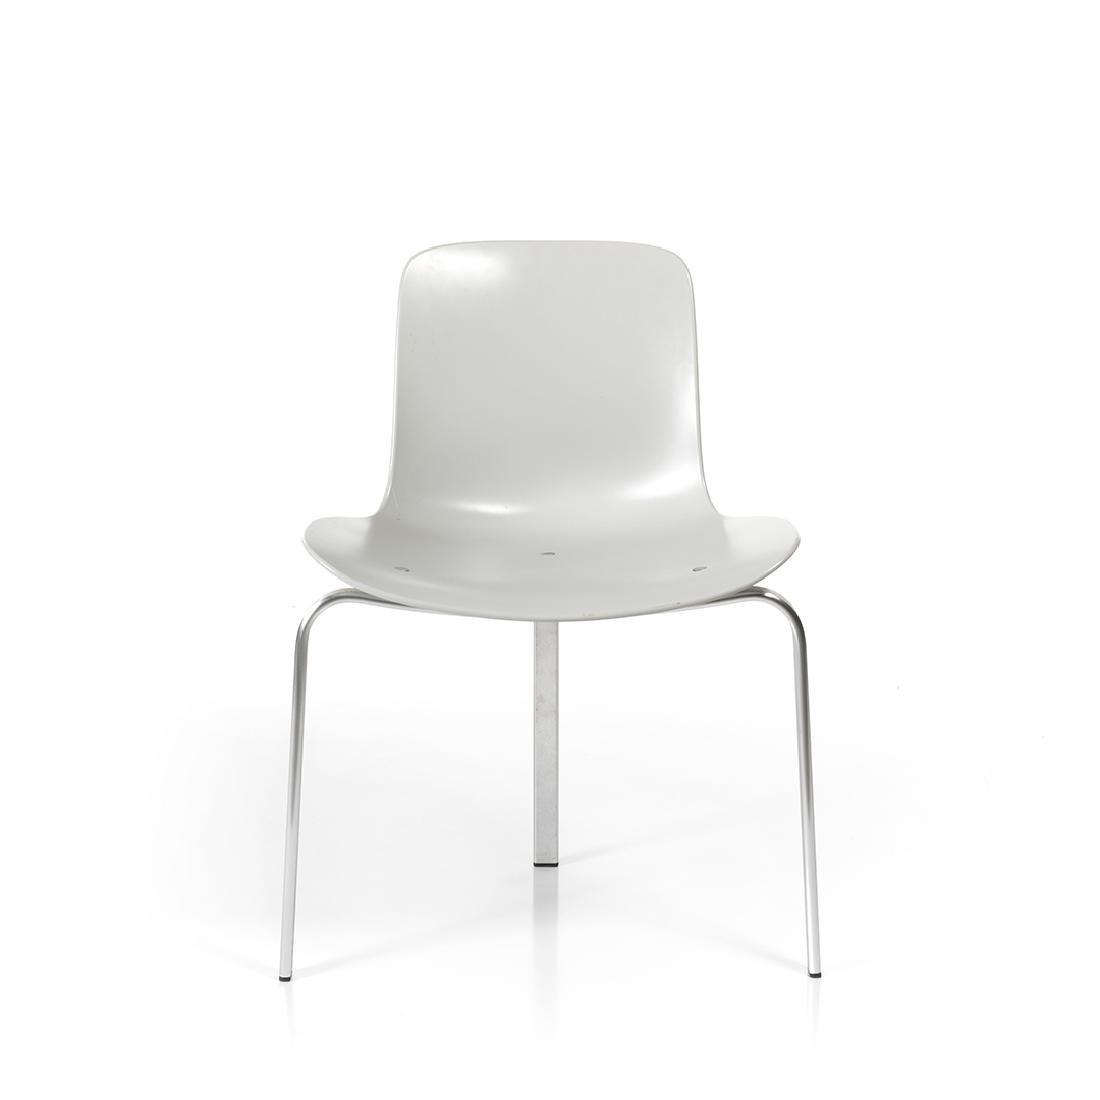 Poul Kjaerholm PK8 Chair